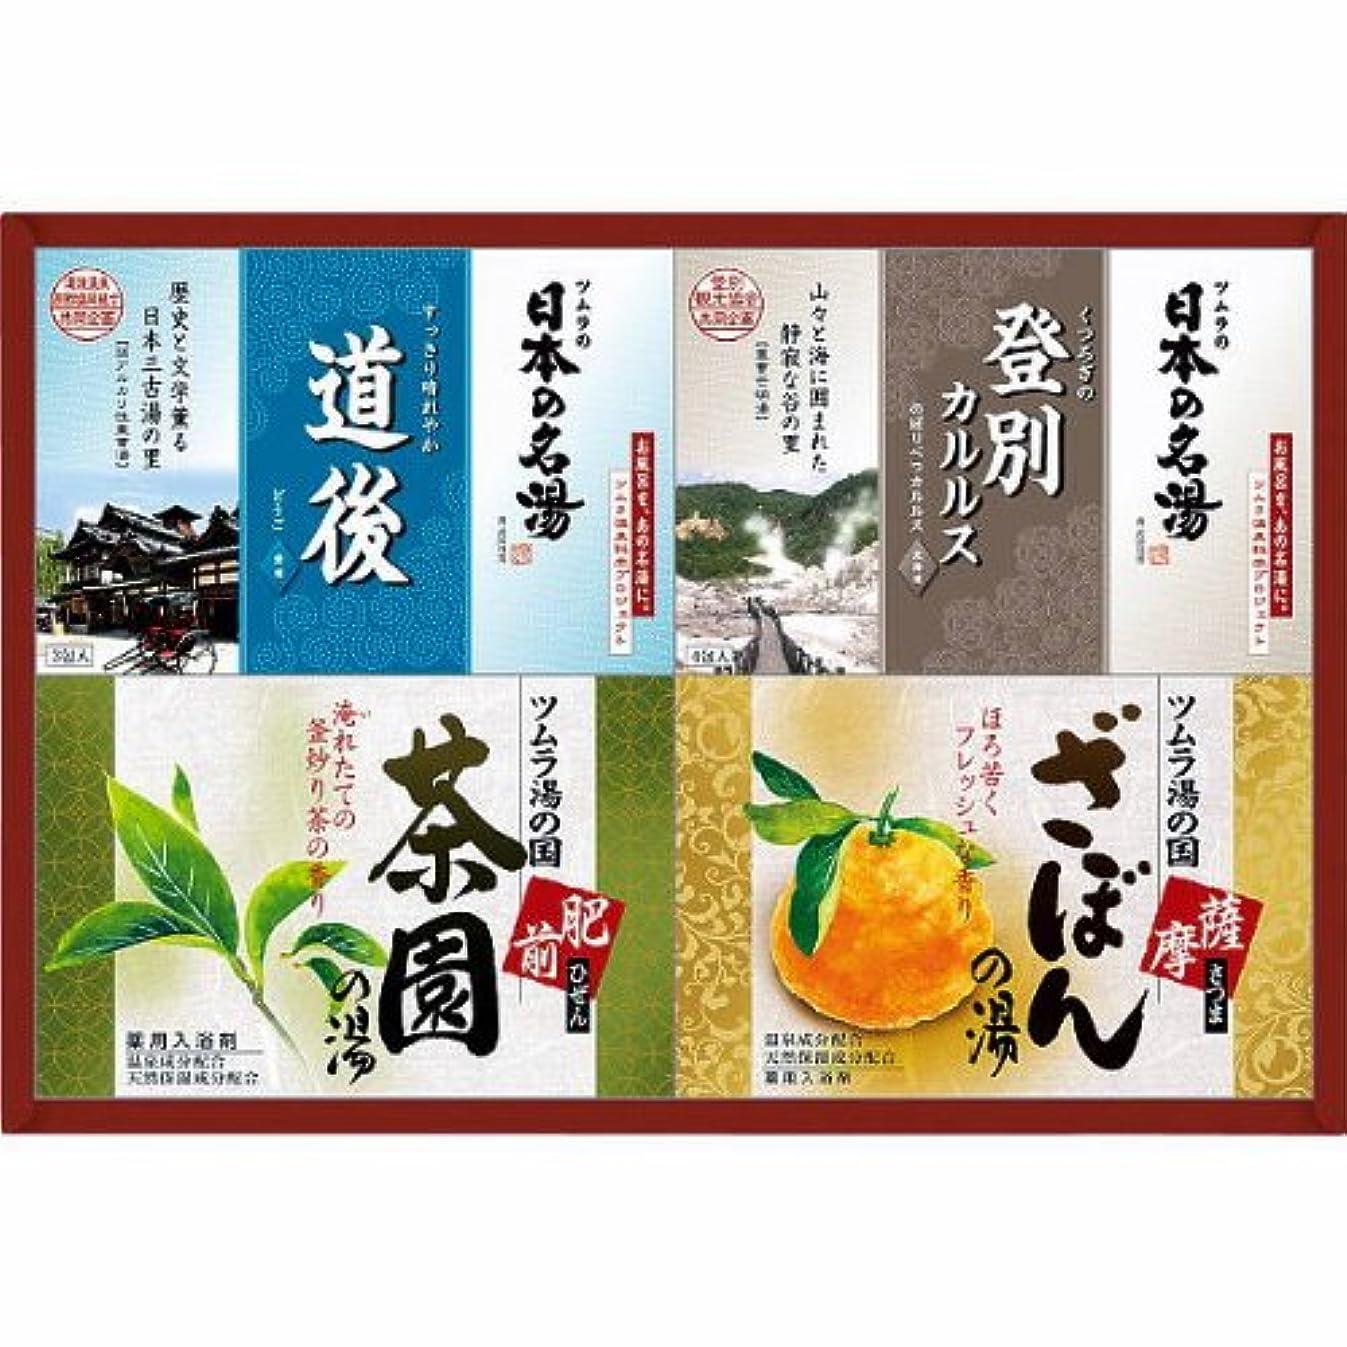 ツムラの名湯 湯の国ギフト(入浴剤?入浴料)